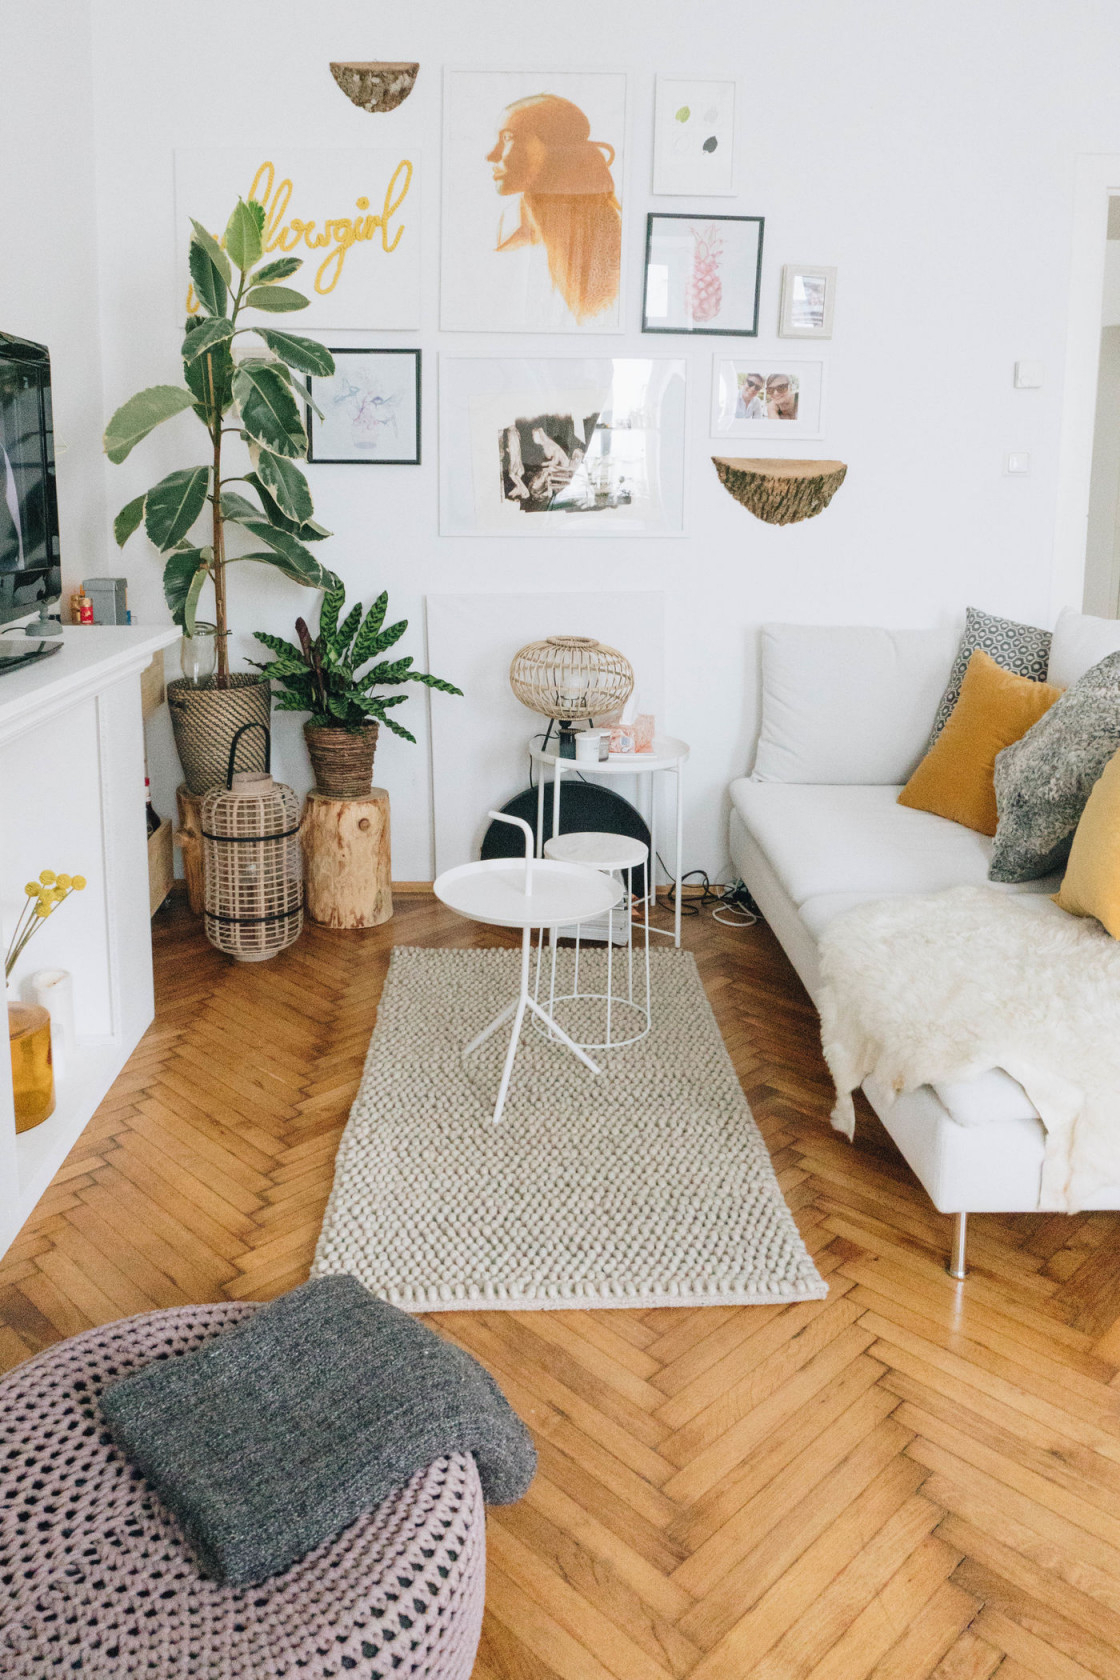 Deko Ideen Pflanzen Wohnzimmer – Caseconrad von Wohnzimmer Pflanzen Deko Bild